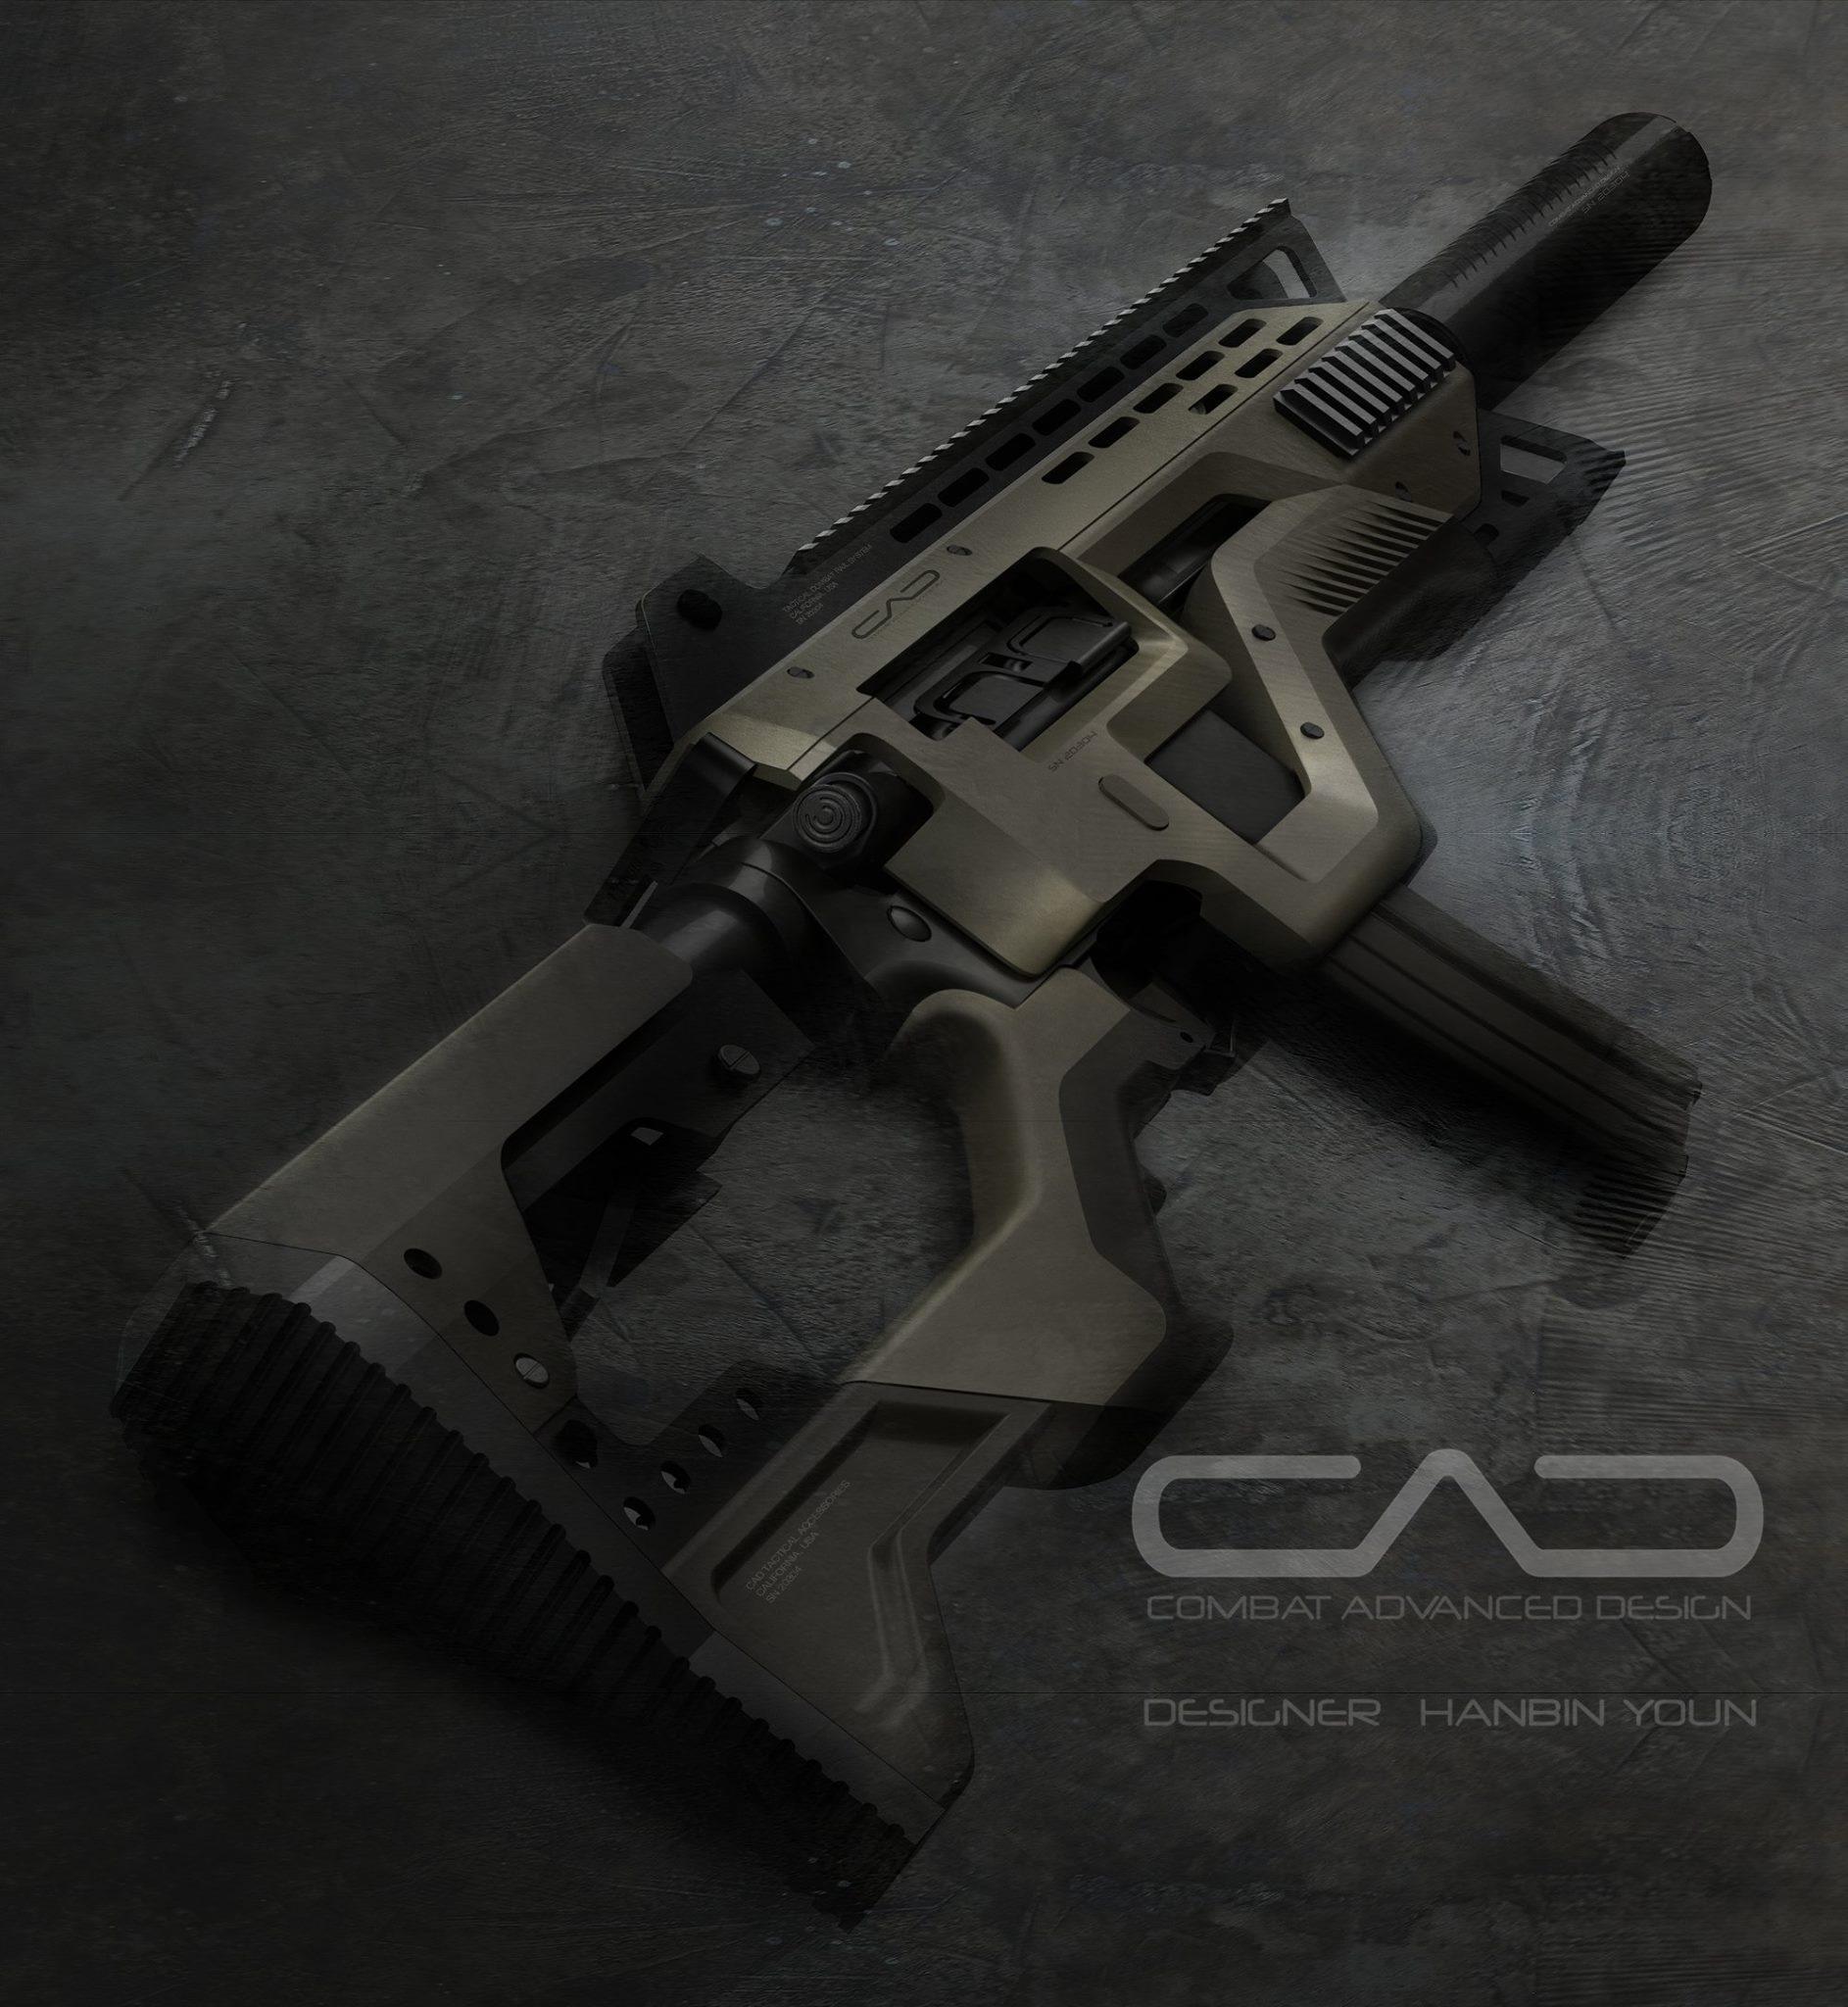 airsoft gun designer here